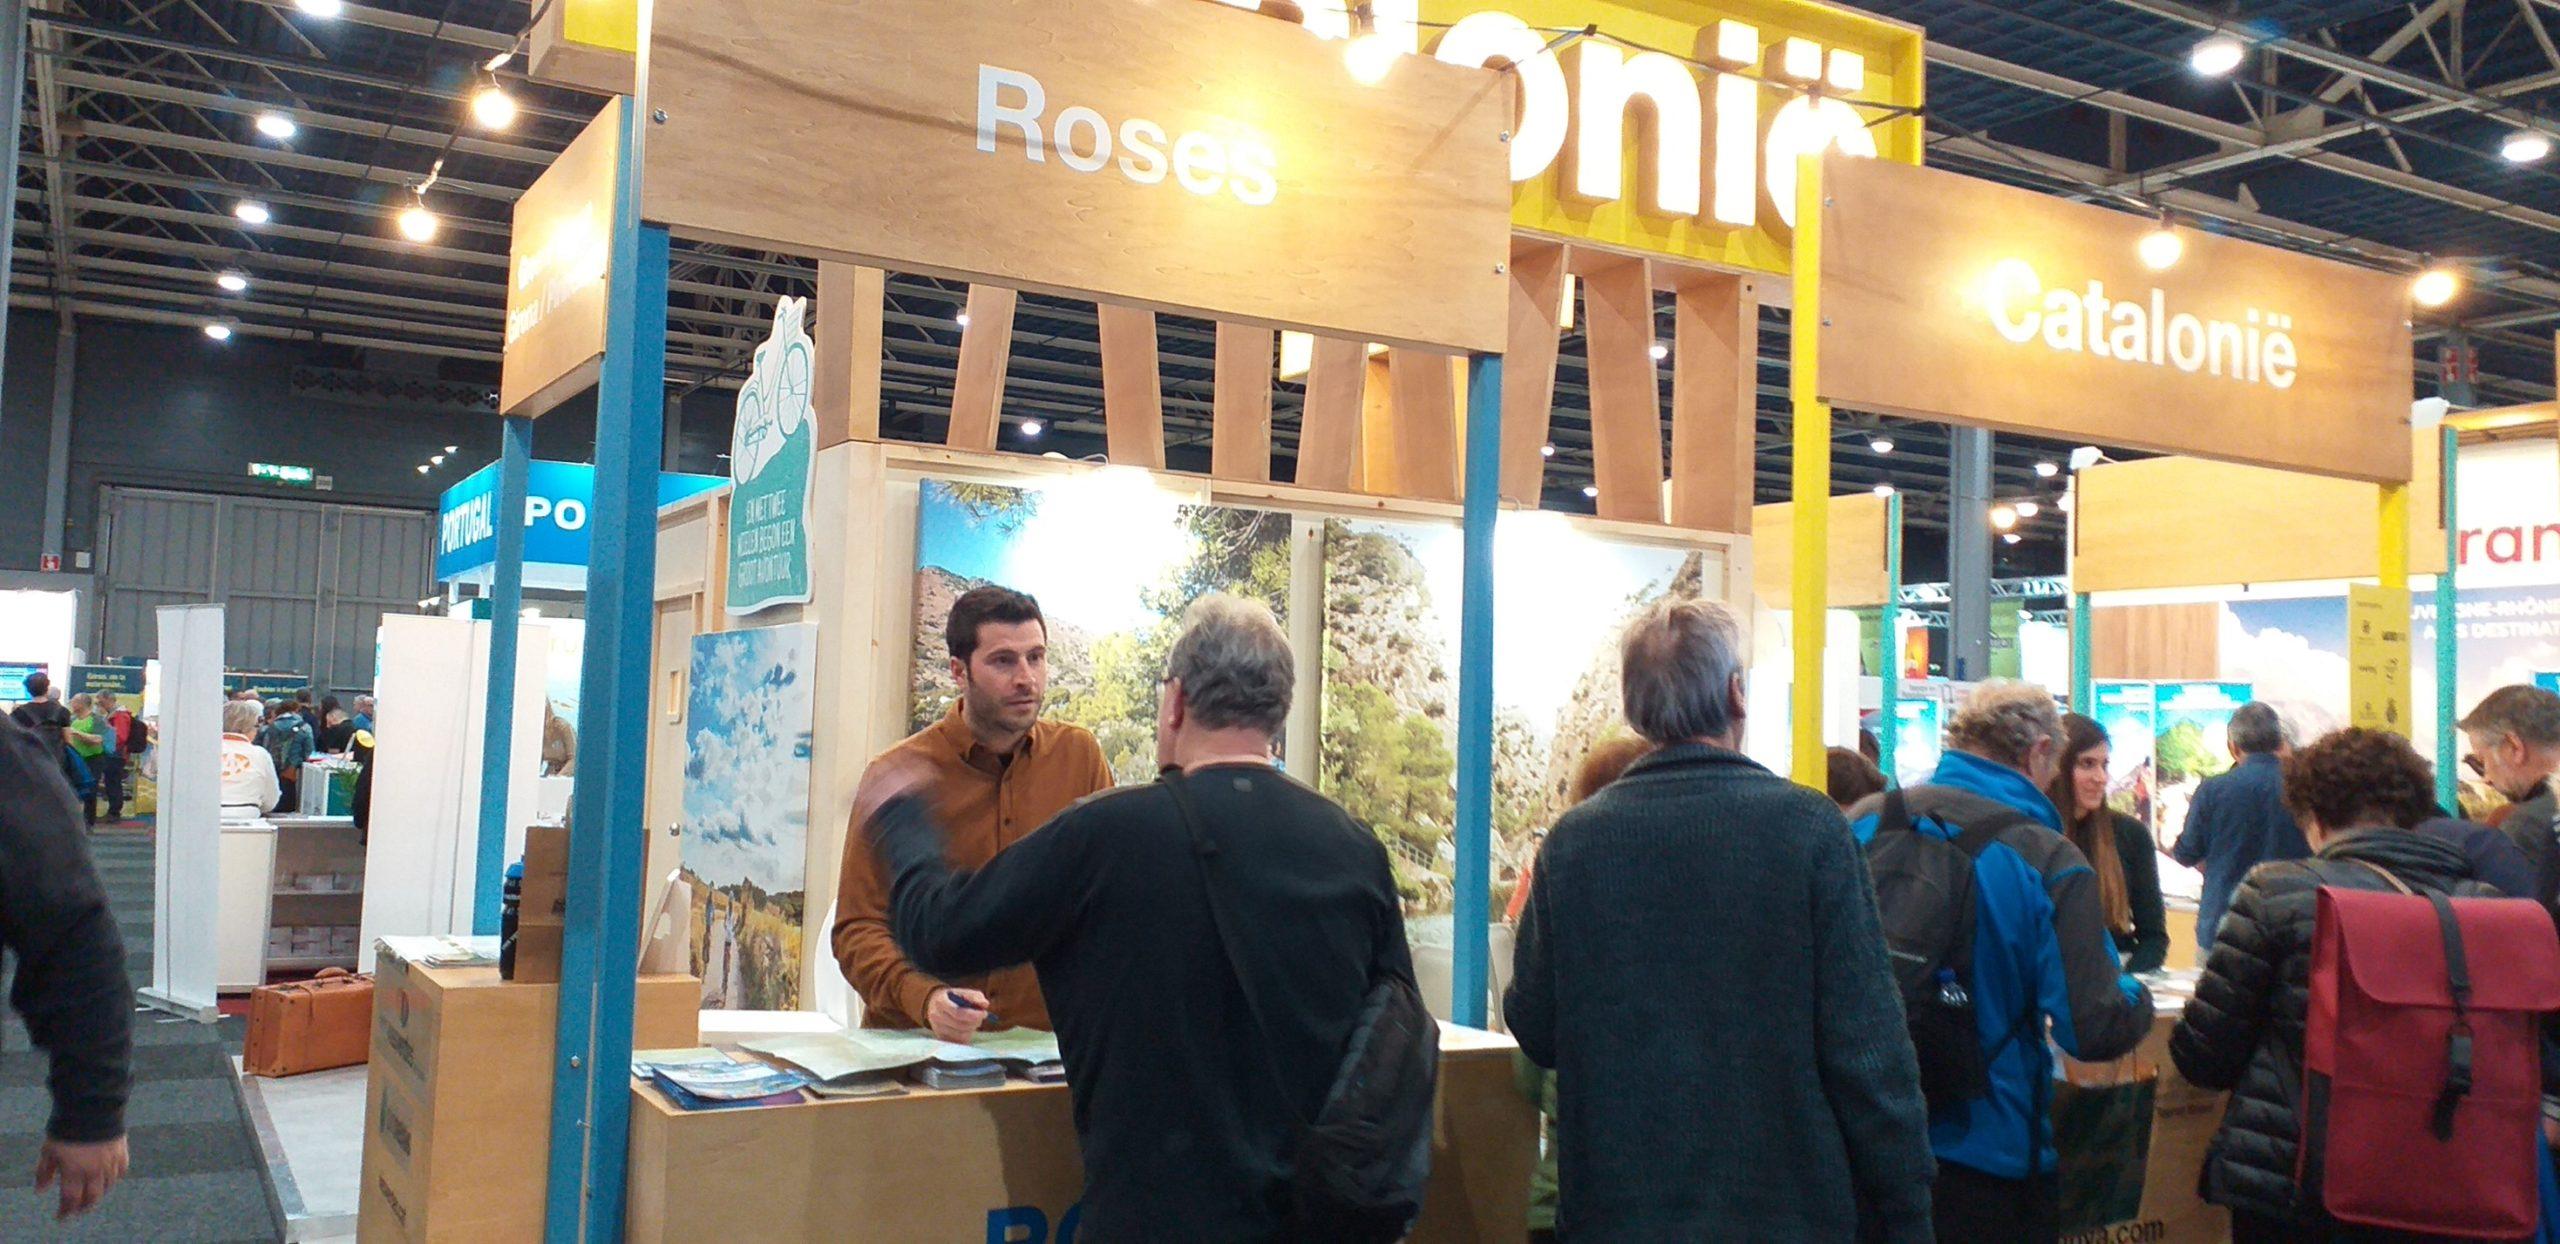 Turisme de Roses assisteix a dues fires turístiques europees per atreure turisme de natura i esportiu